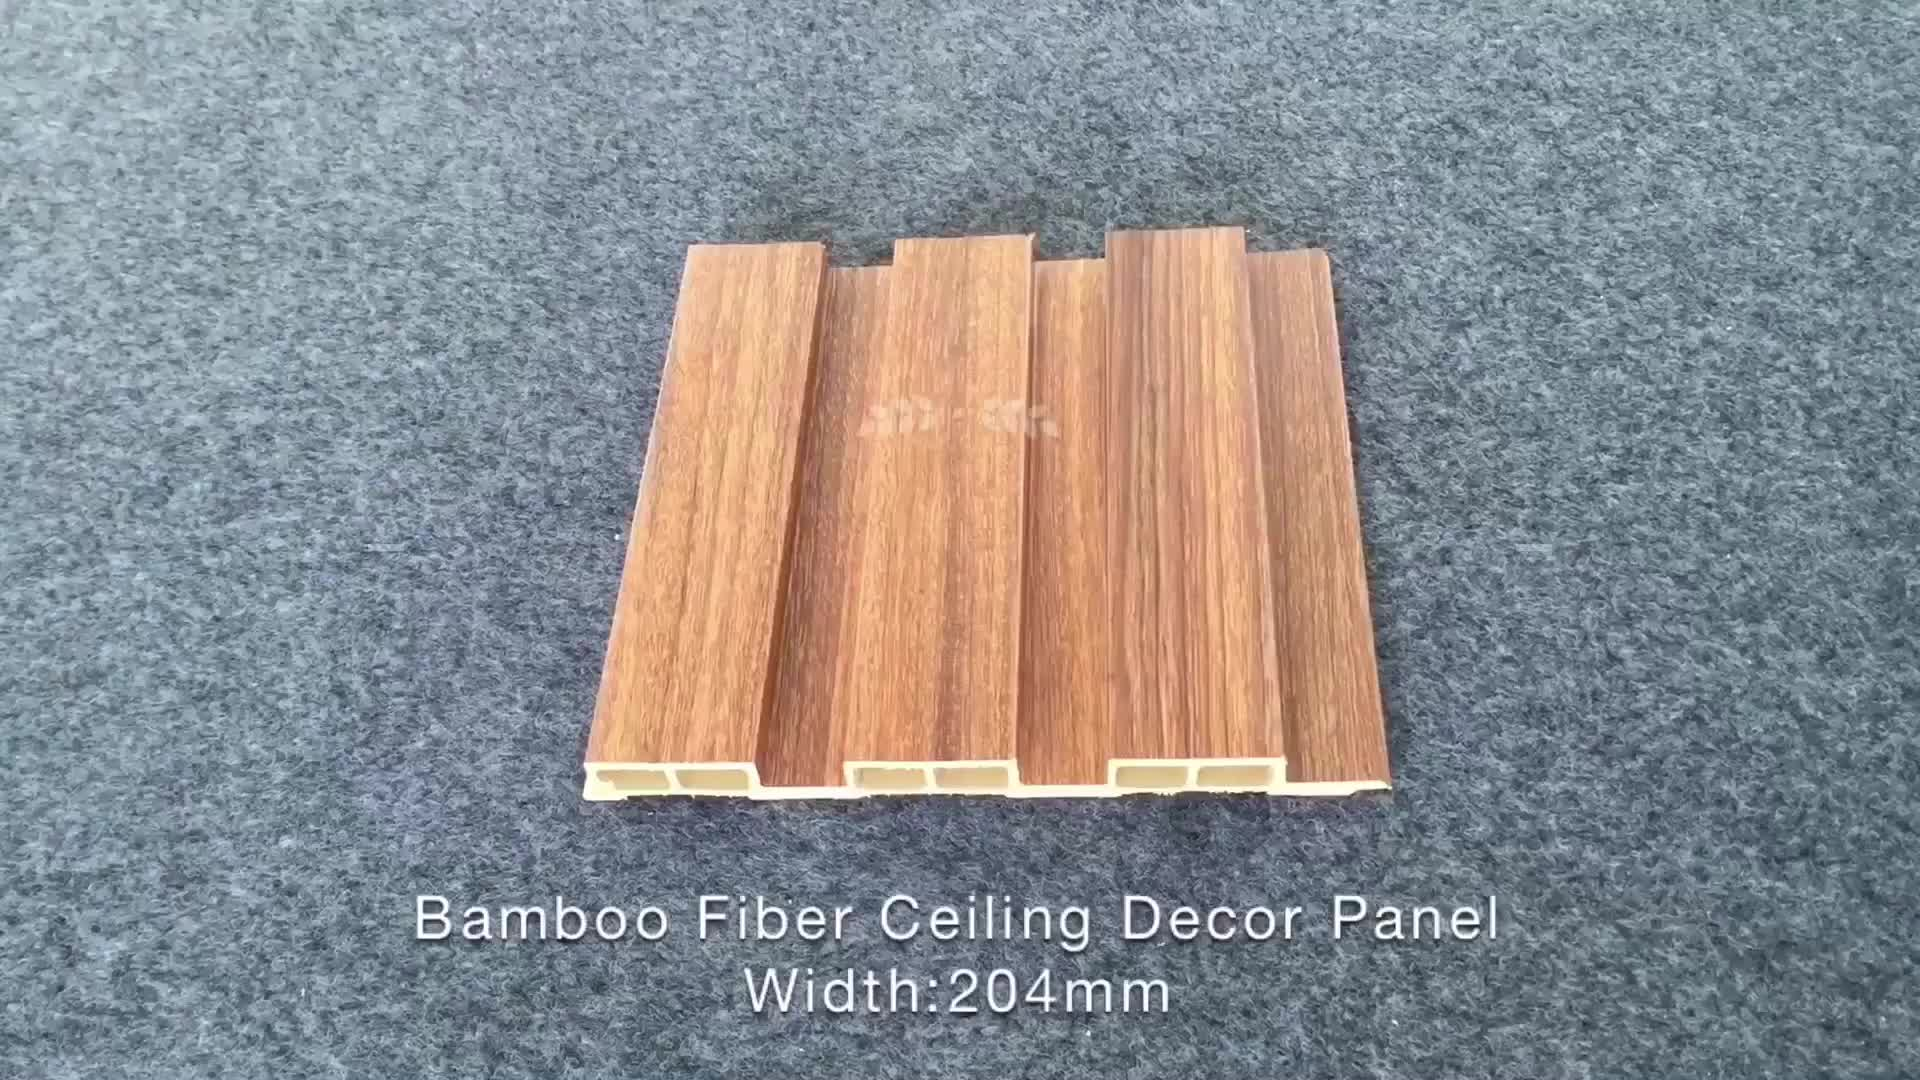 Gooday FALSO SOFFITTO interior decor soffitto piastrelle di WPC bordo fogli di plastica che copre venatura del legno PVC interni del soffitto sospeso